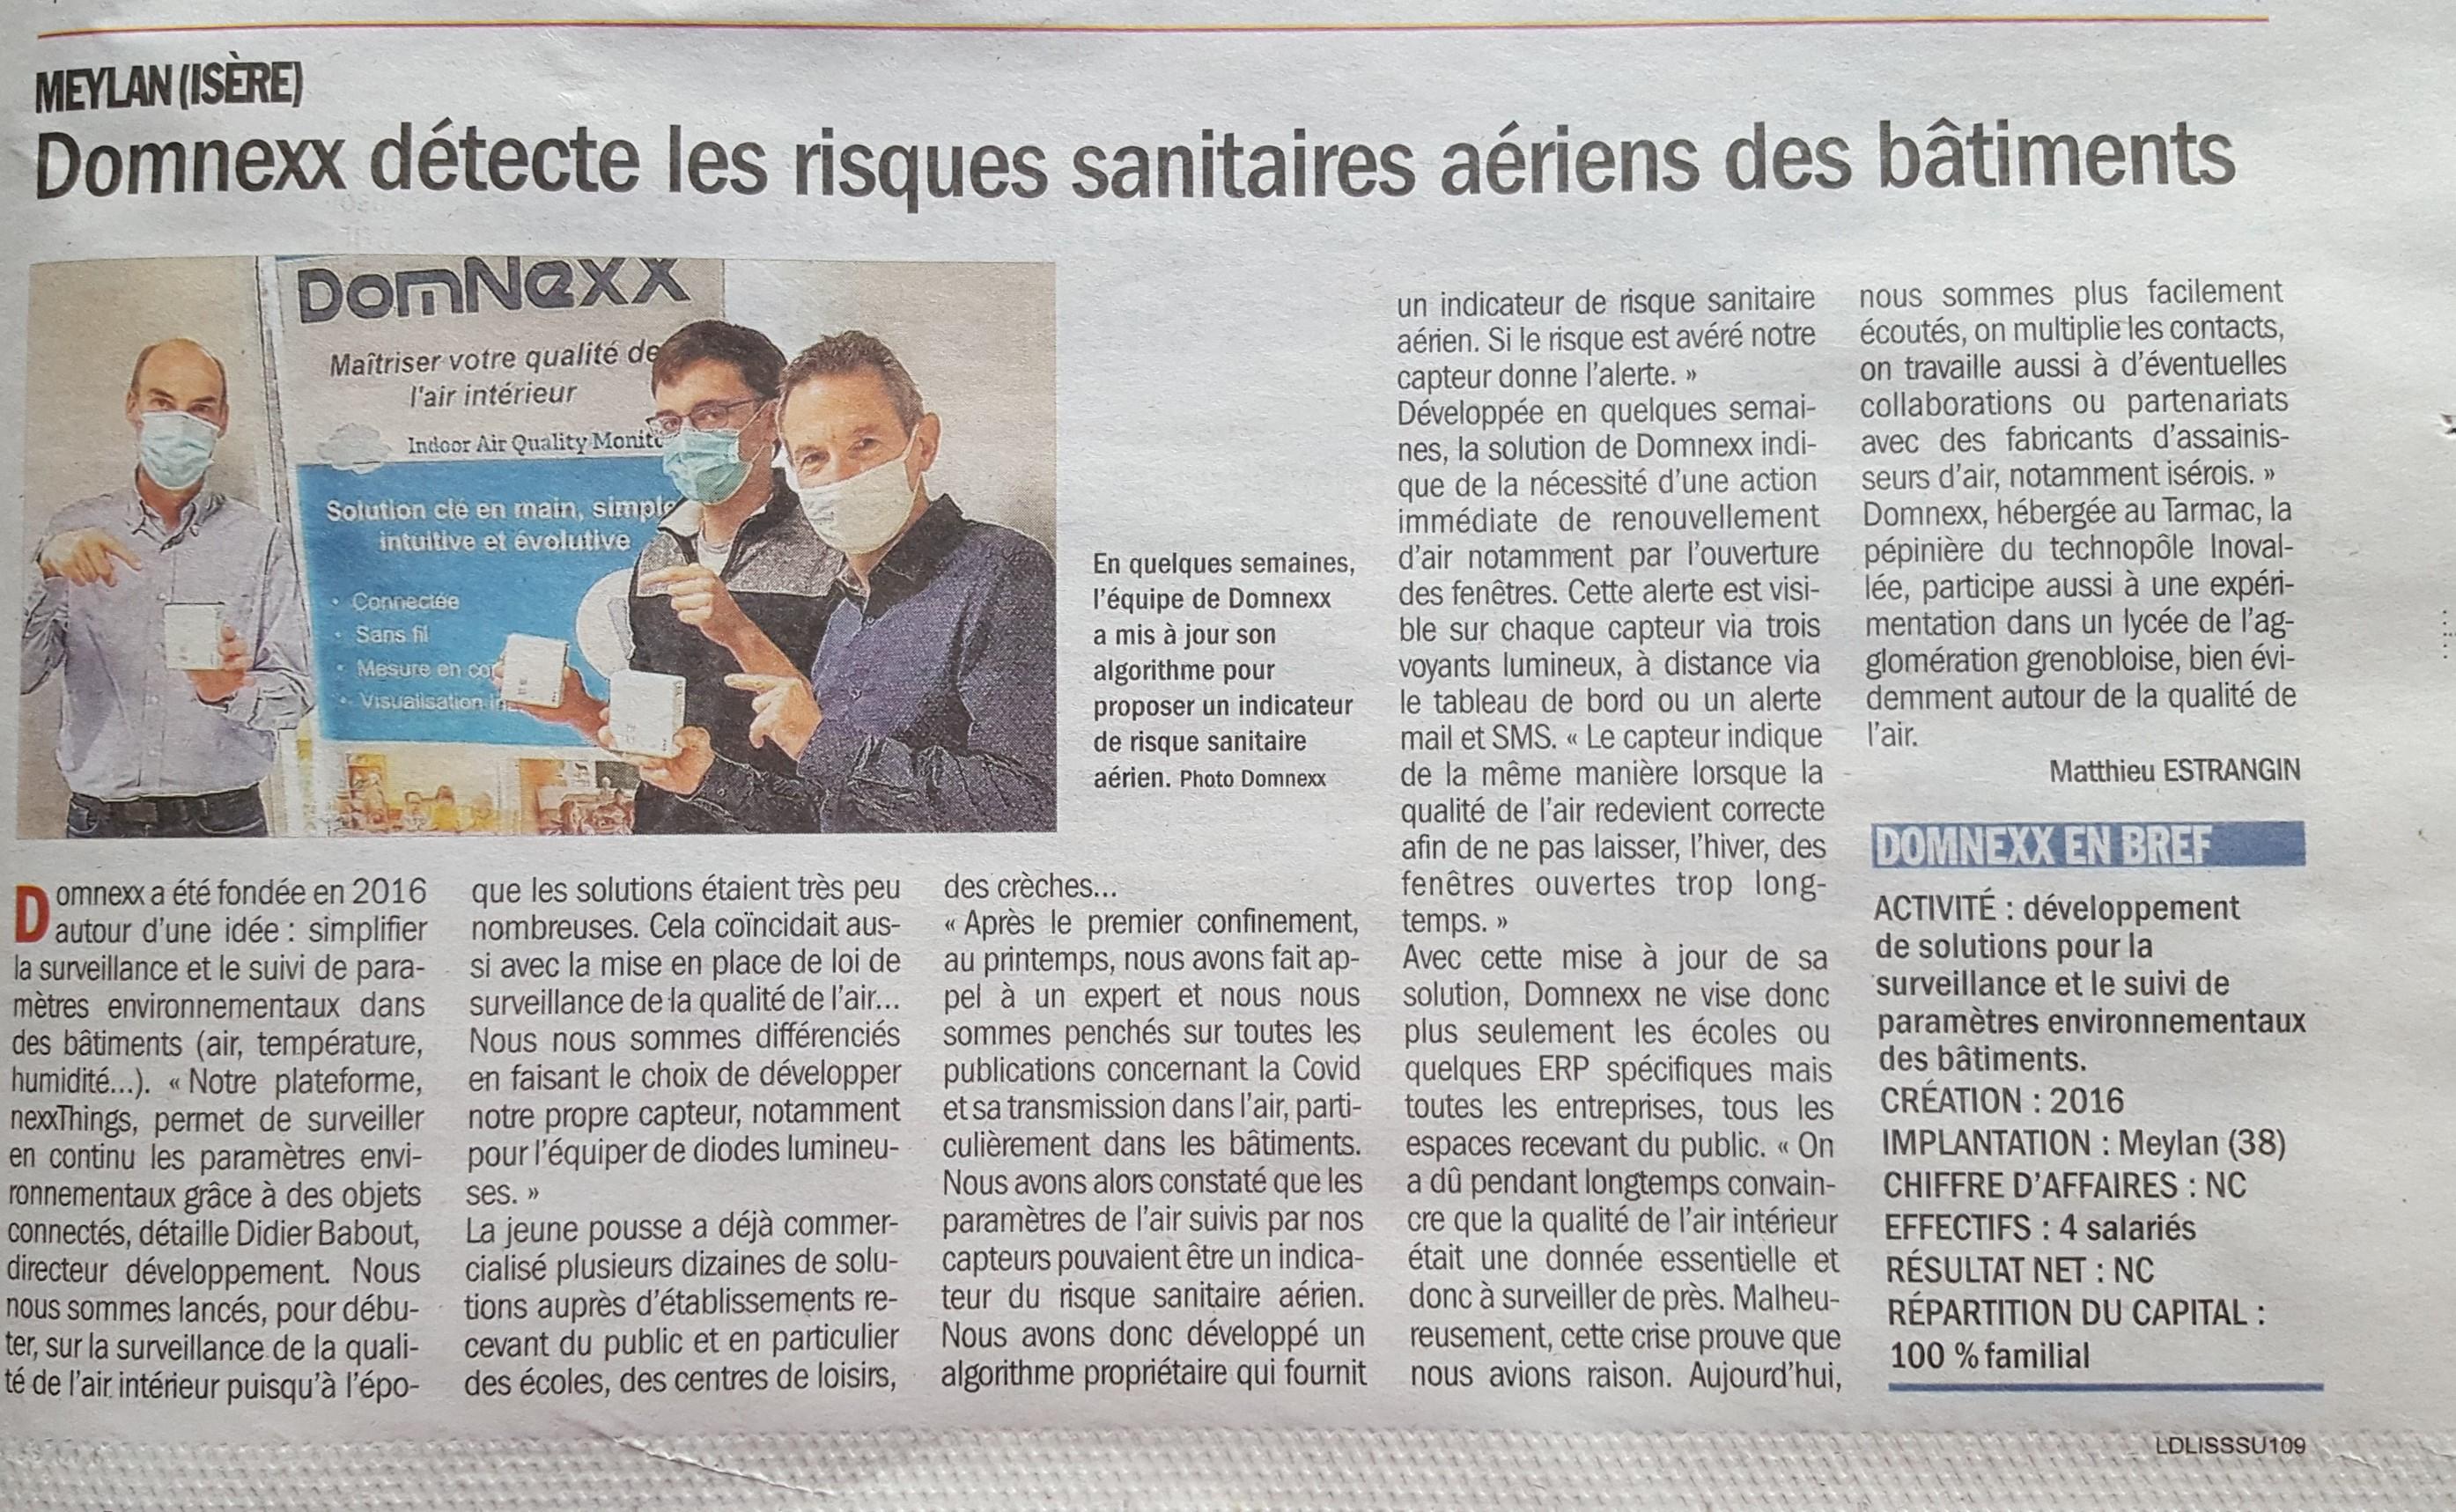 DomNexX détecte les risques sanitaires aériens des bâtiments